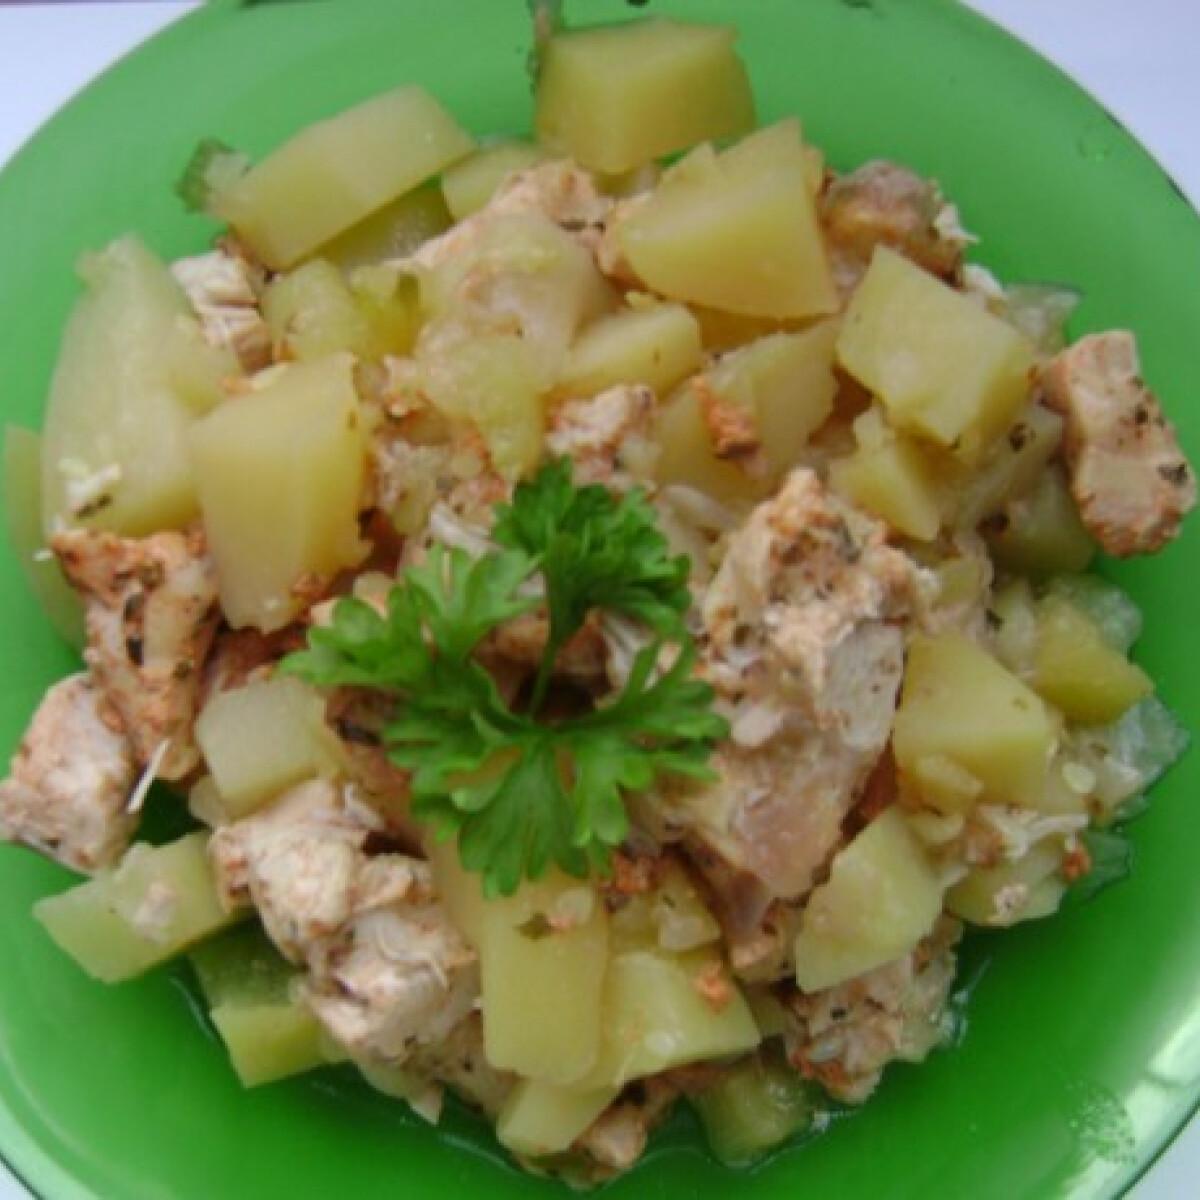 Zöldséges csirkemell Kikianyu konyhájából